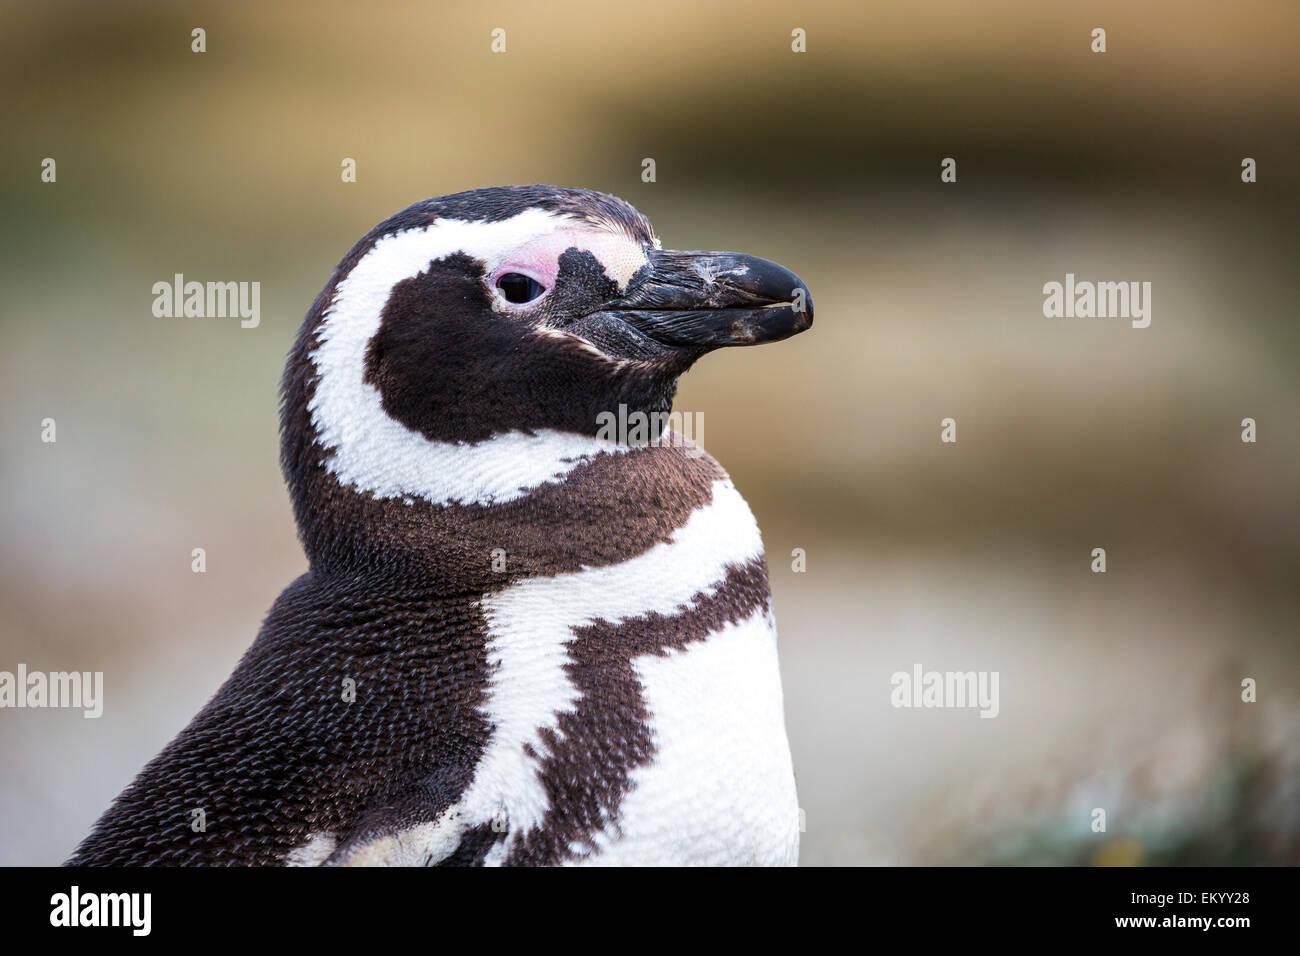 Magellanic penguin (Spheniscus magellanicus), Seno Otway, Region XII Región de Magallanes y de la Antártica, - Stock Image